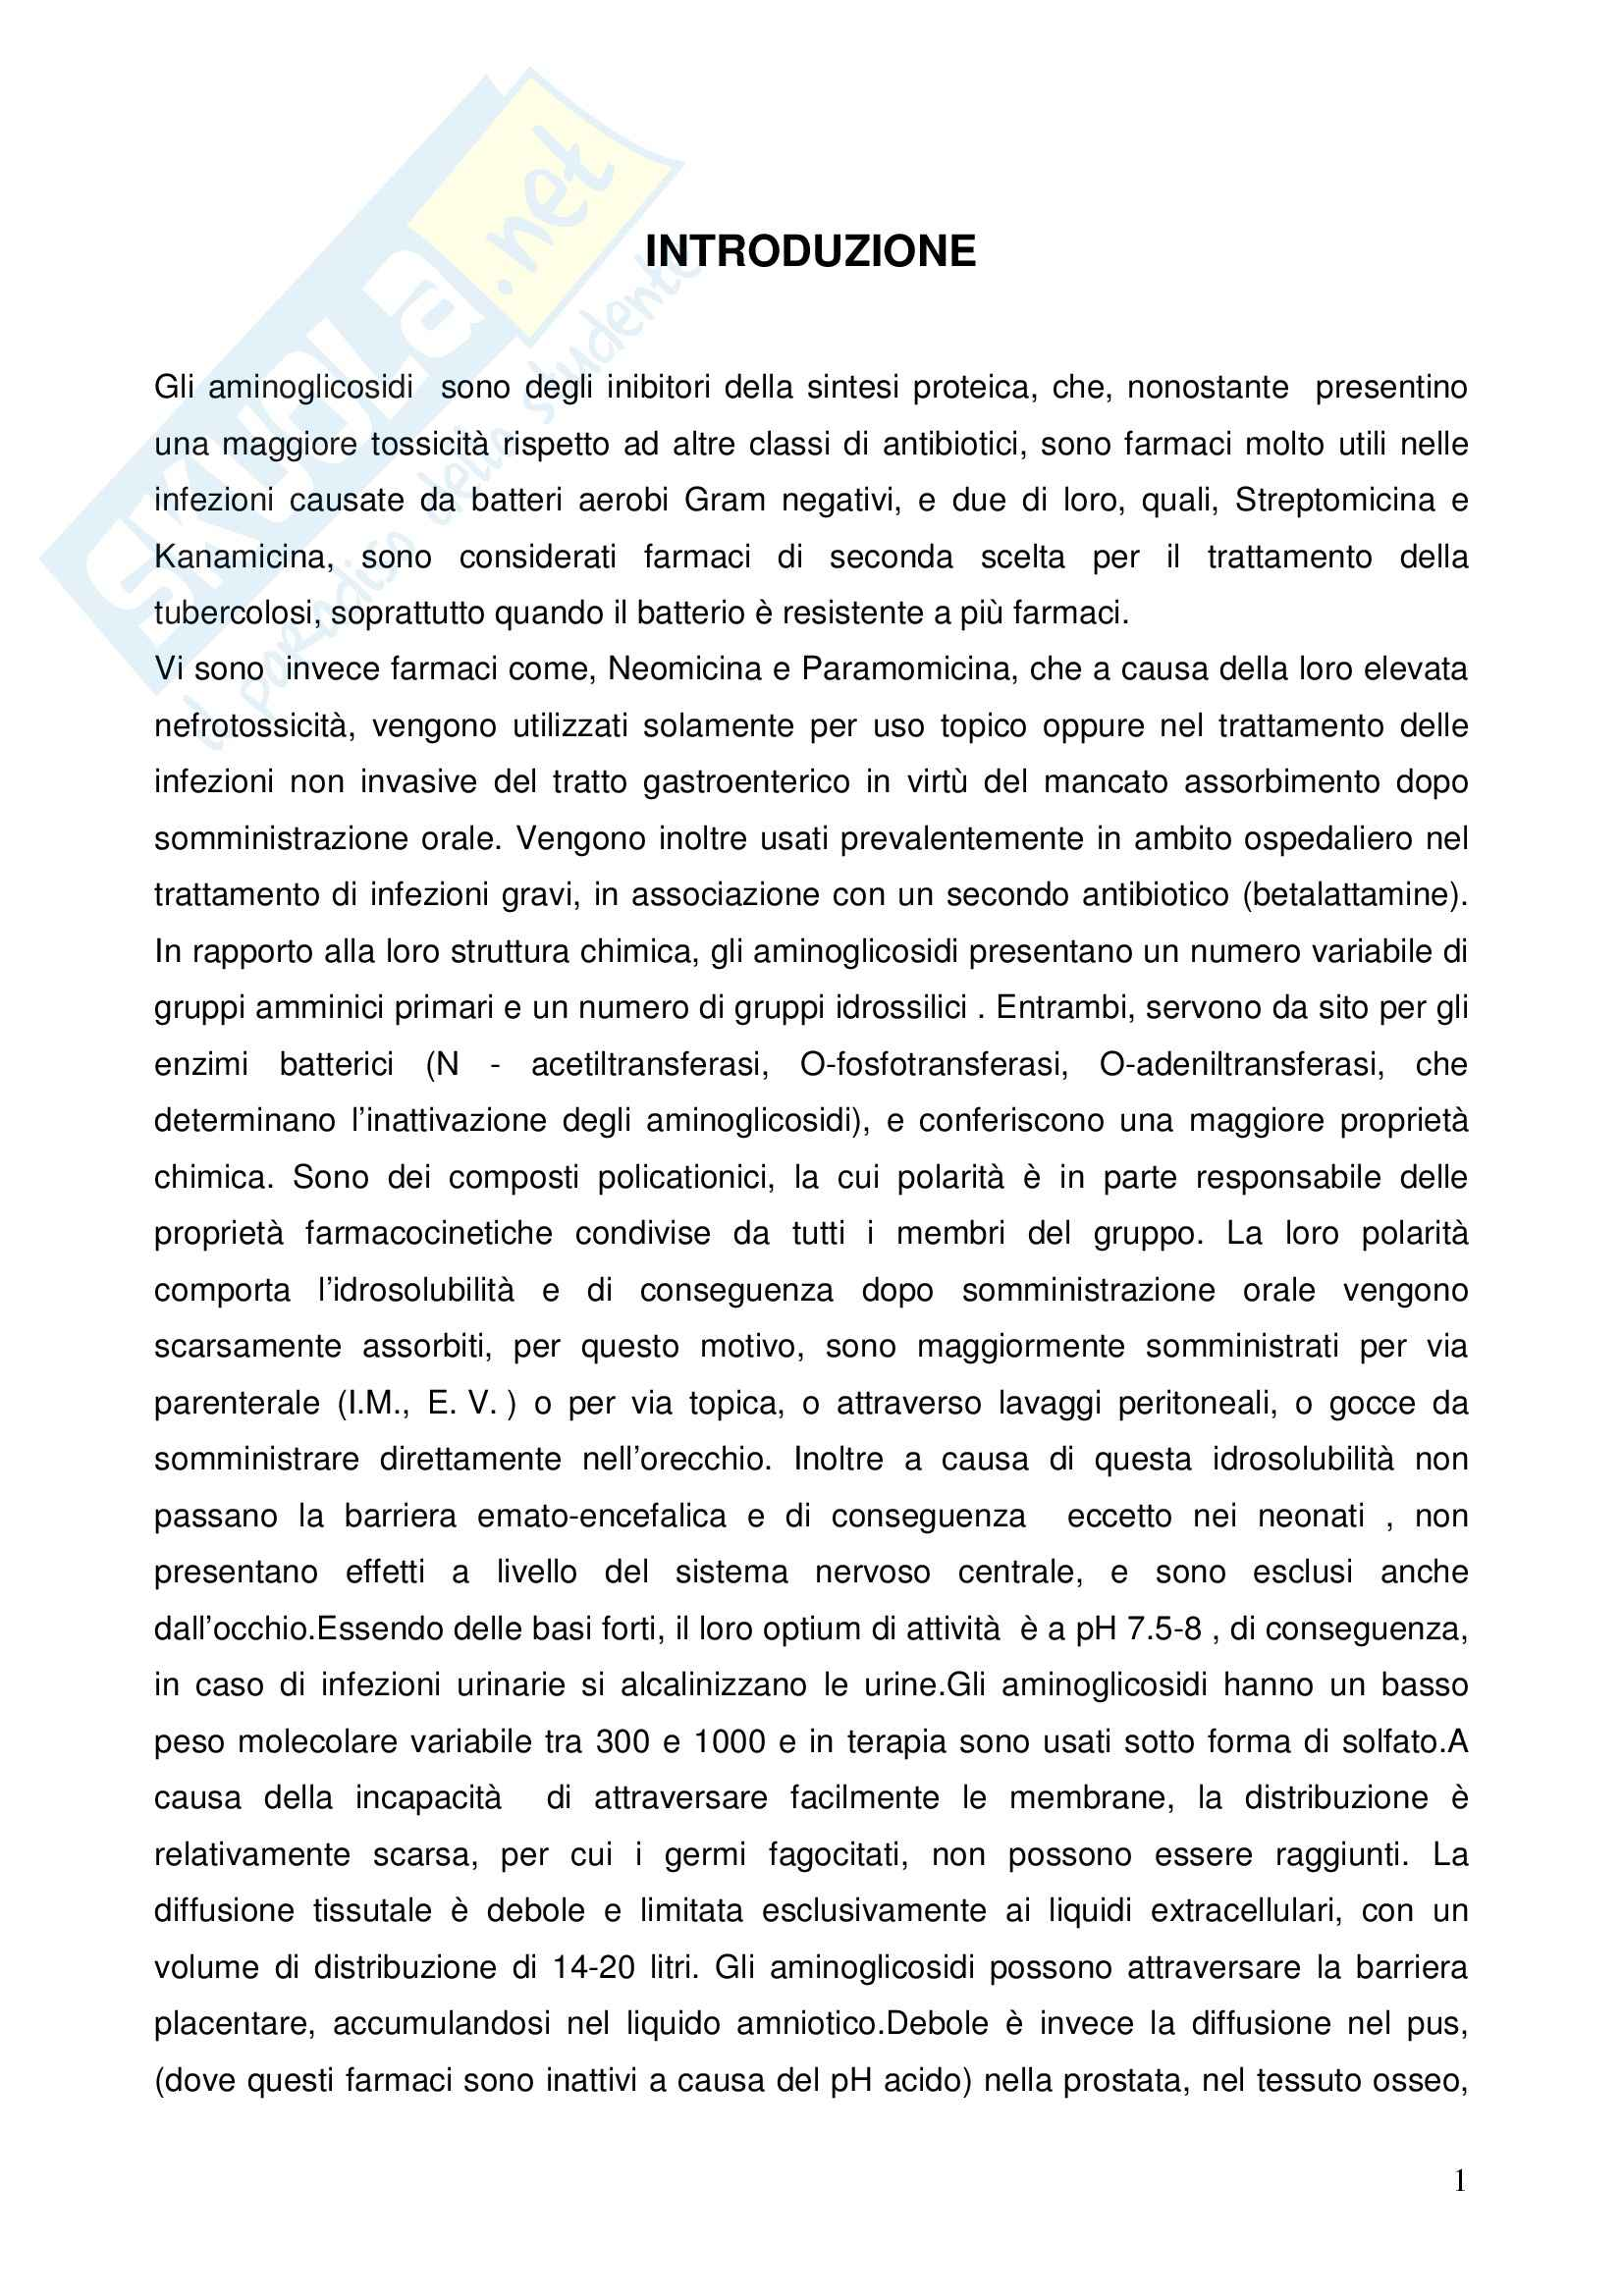 Chimica farmaceutica - aminoglicosidici